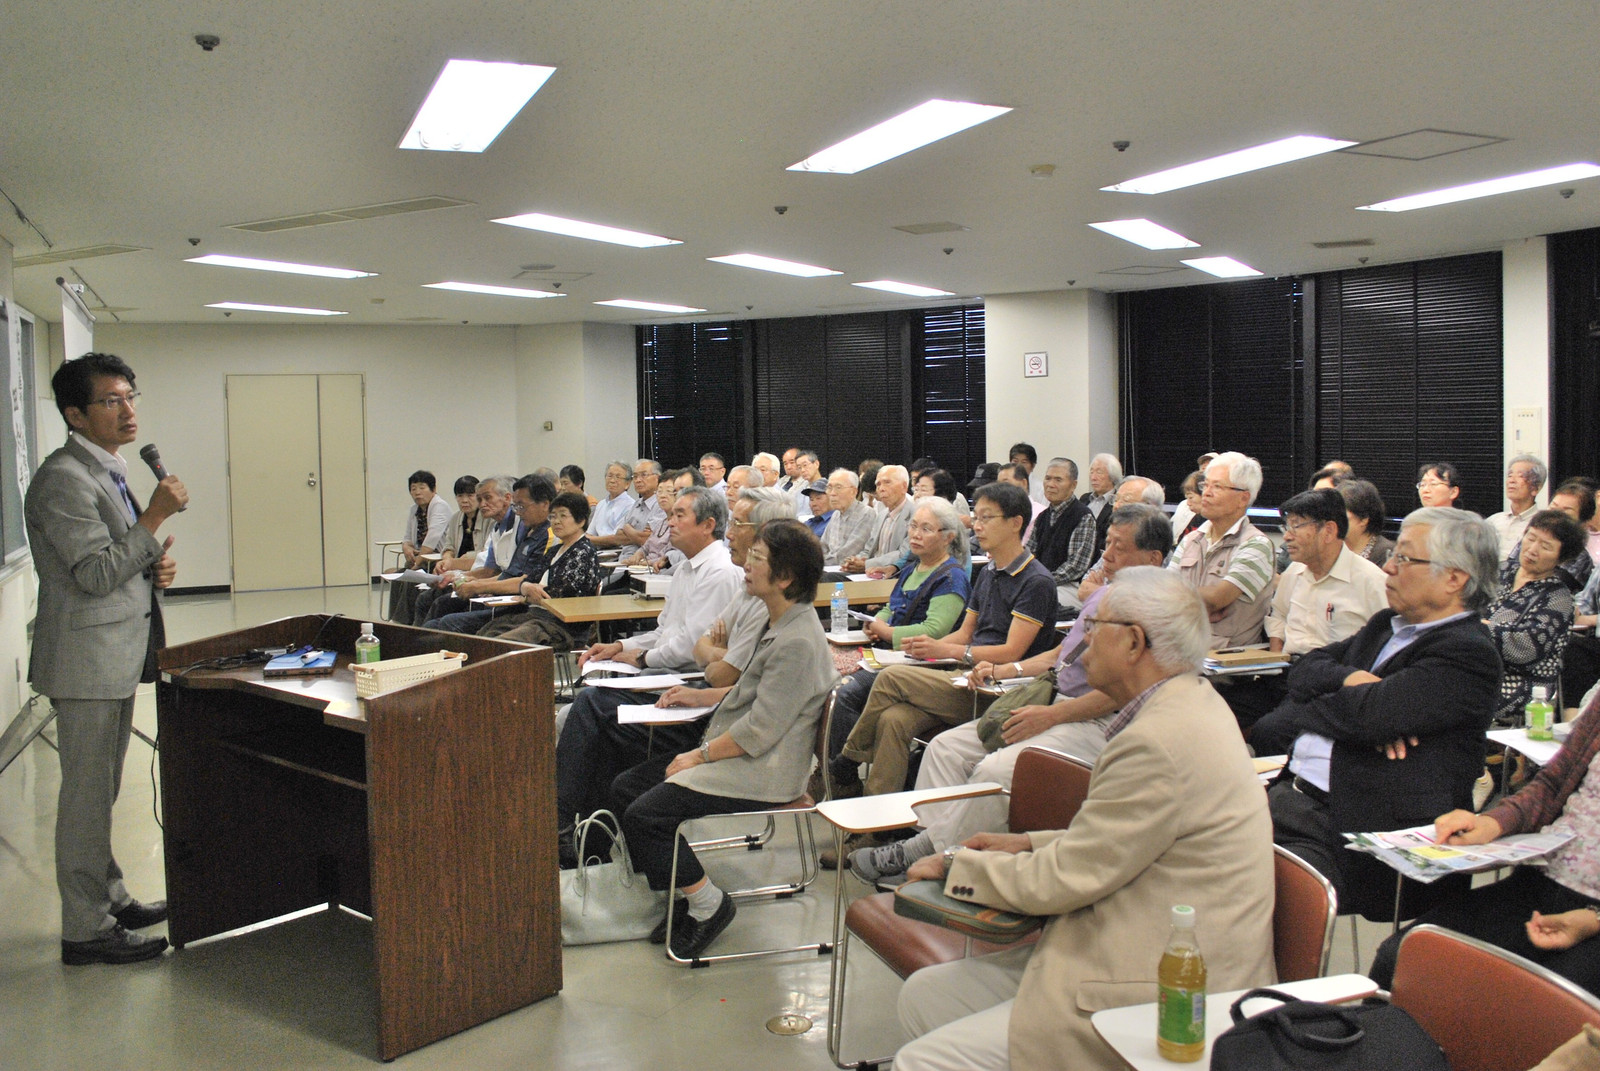 田村衆院議員(左)の講演に熱心に耳を傾ける参加者=22日、大分